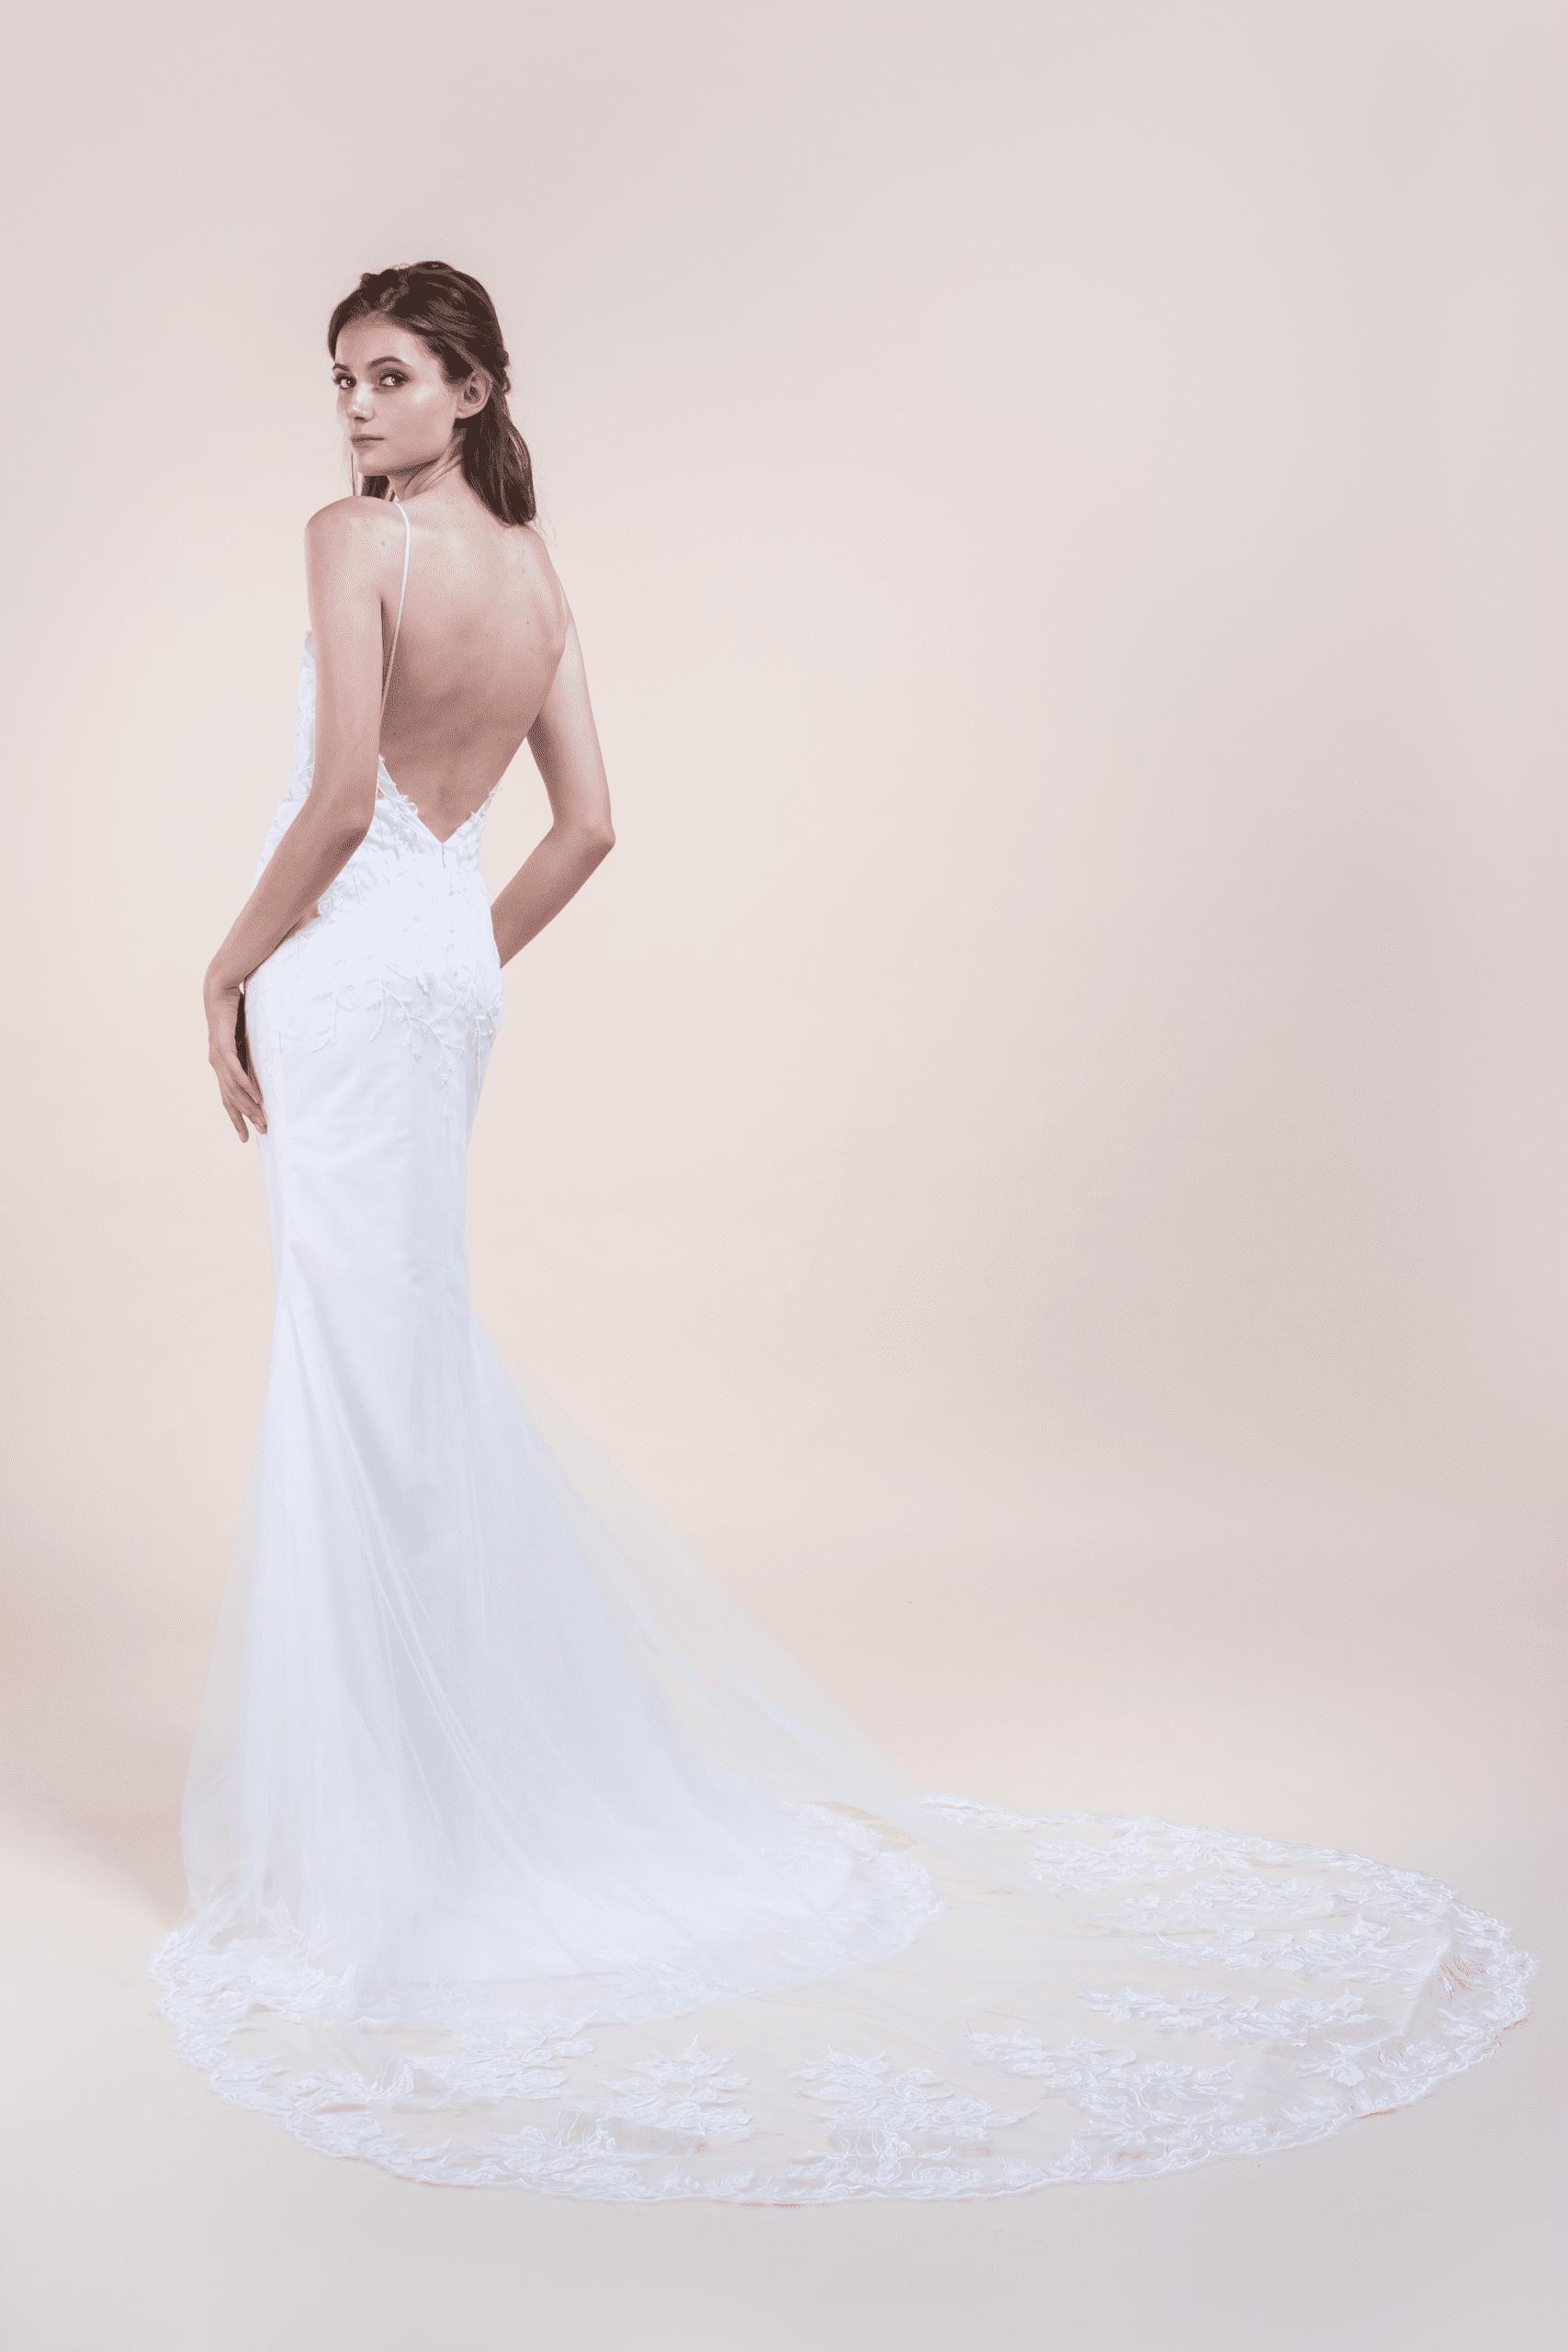 Inez-Singapore-Designer-Gown